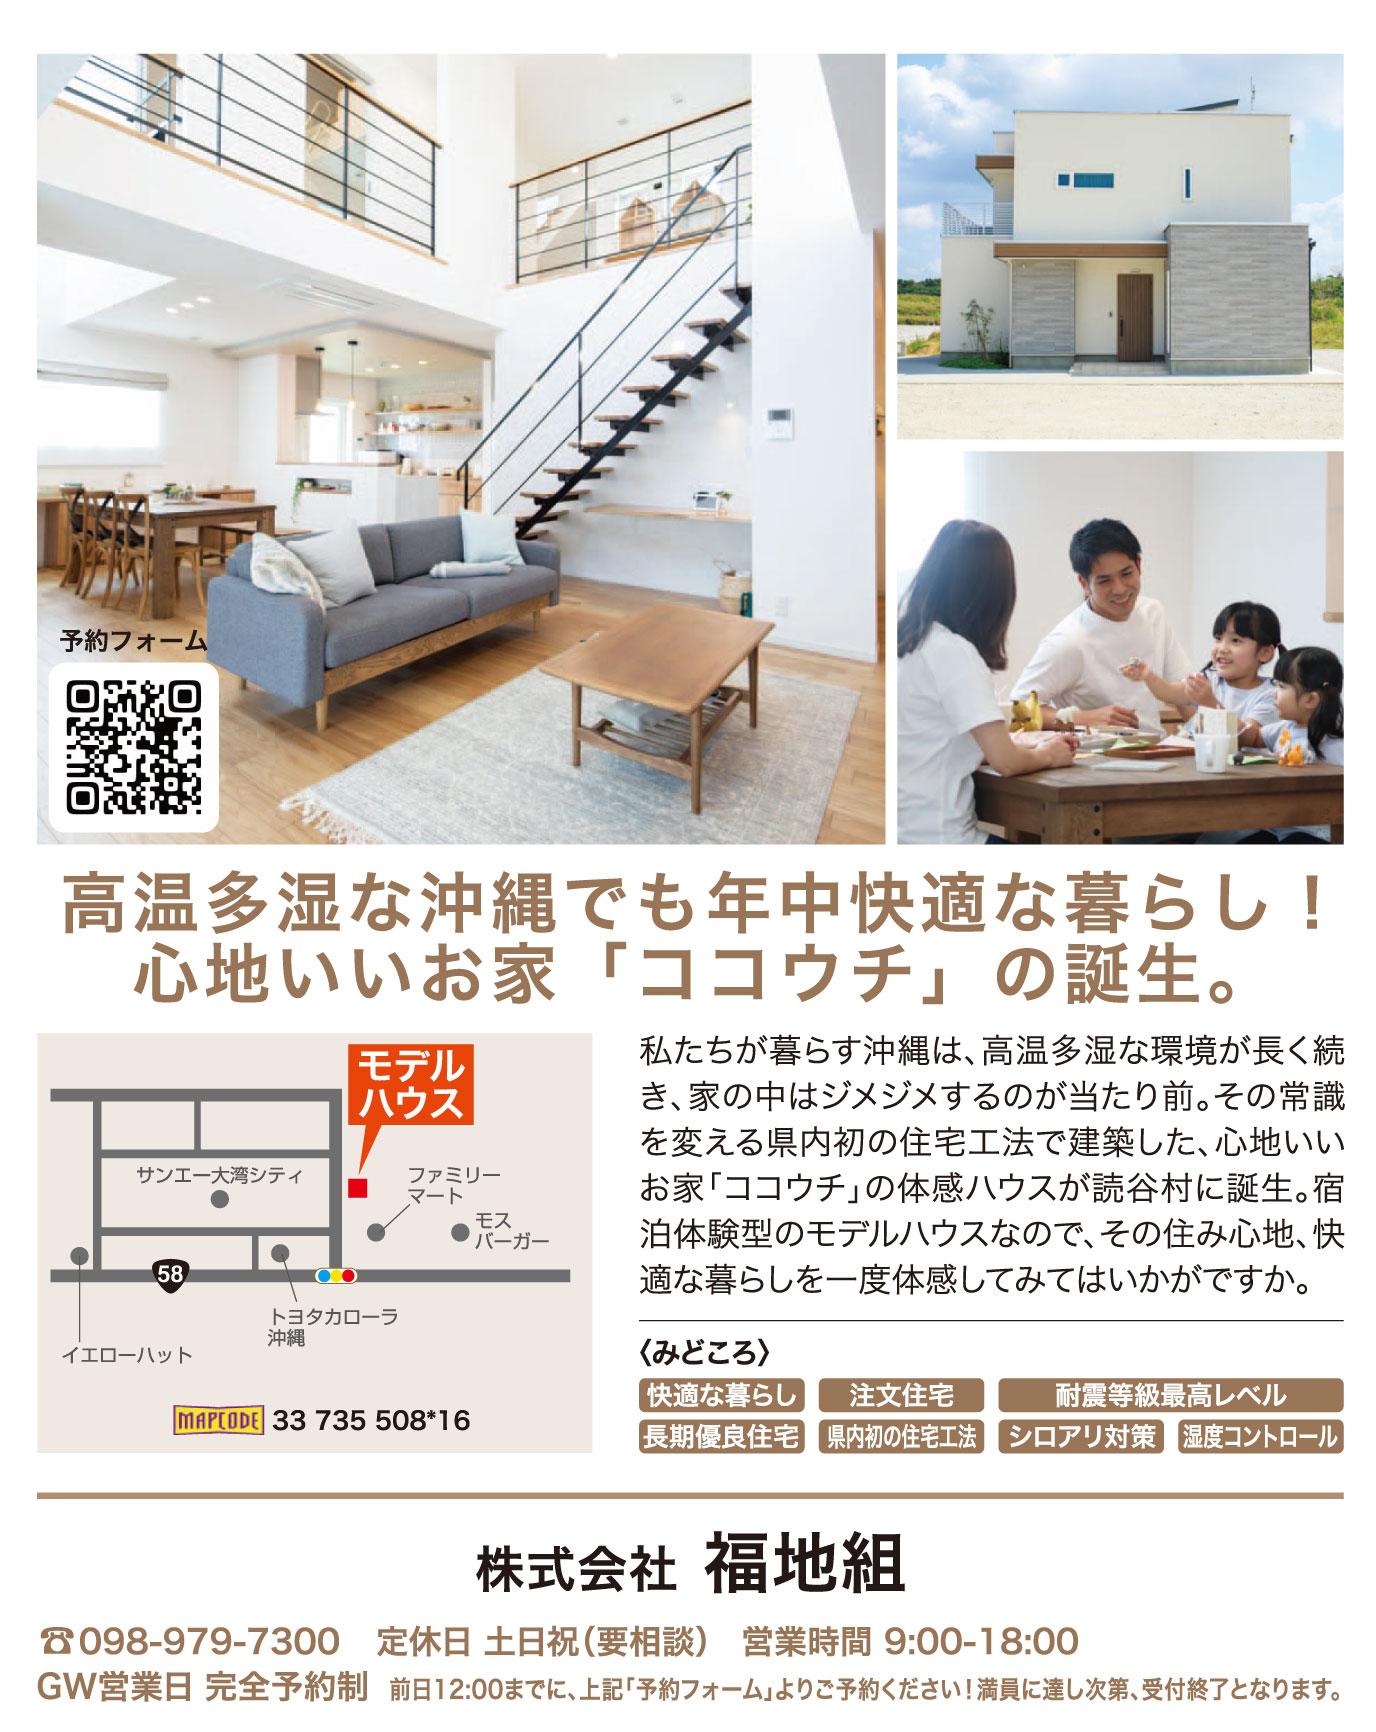 高温多湿な沖縄でも年中快適な暮らし!心地いいお家「ココウチ」の誕生。